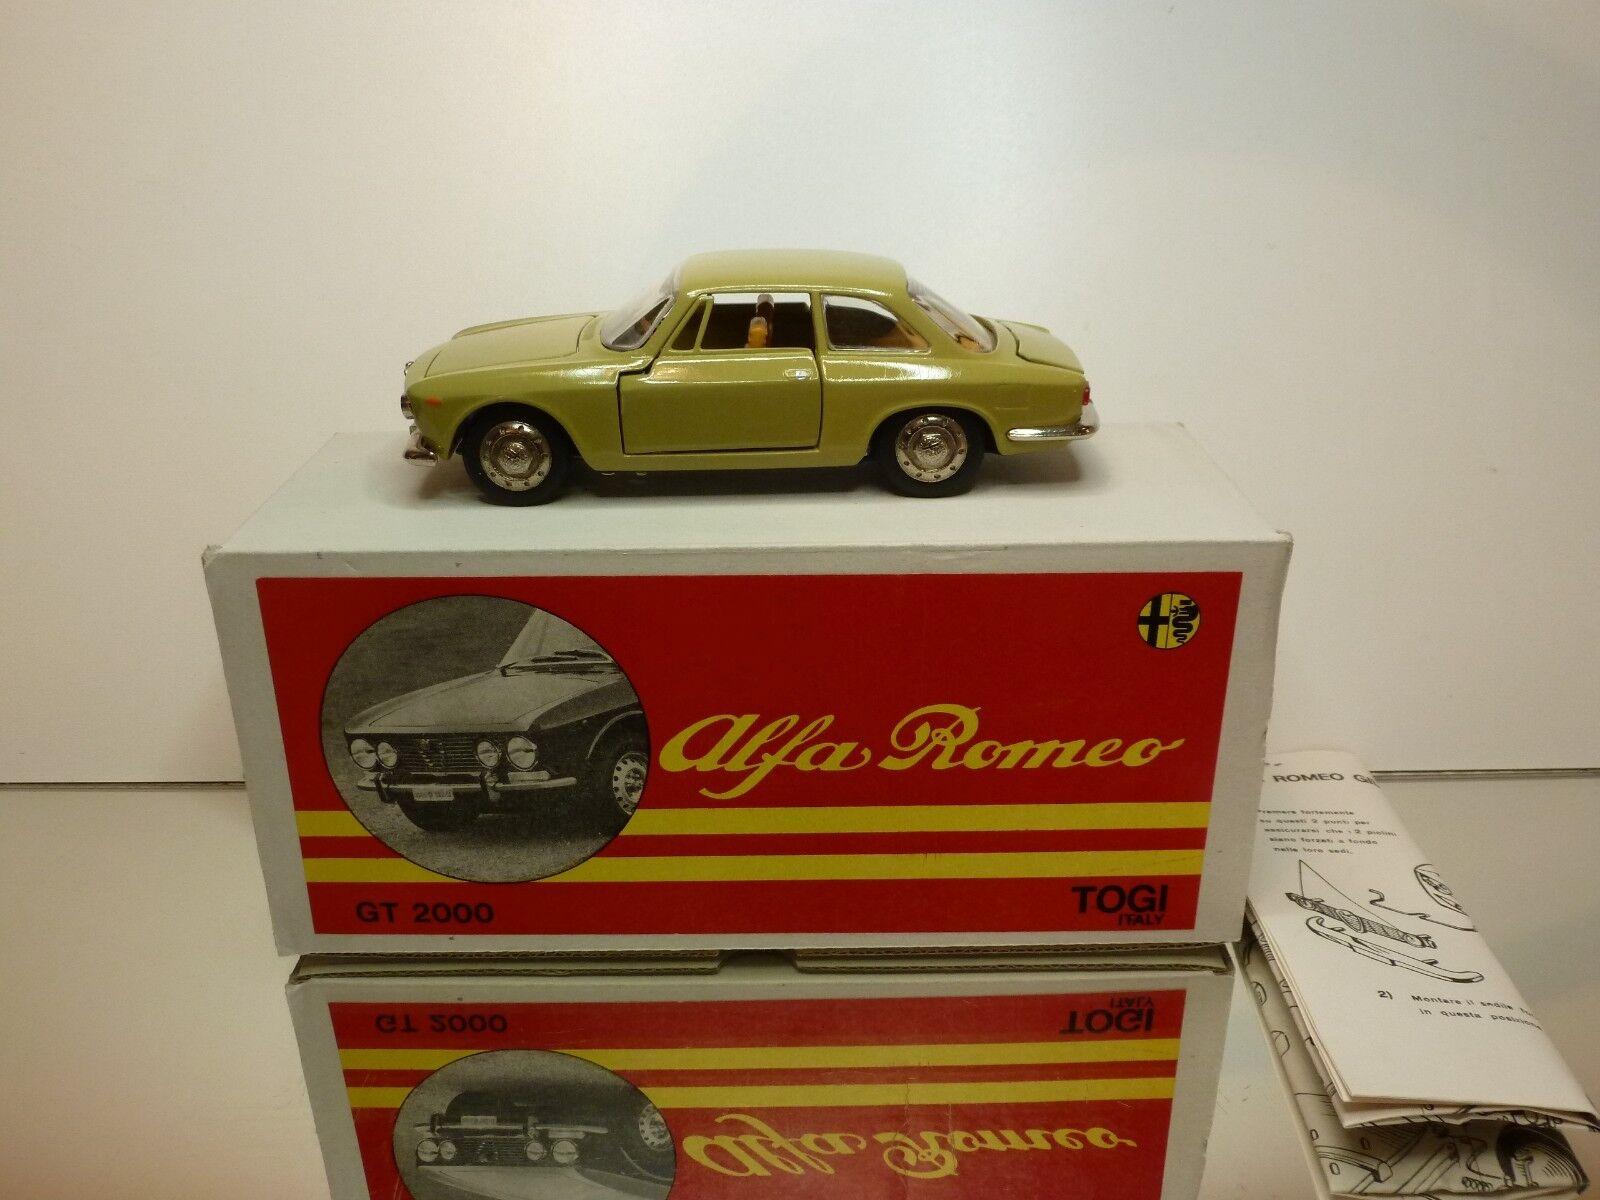 TOGI 8 65 ALFA ROMEO GIULIA GT 2000 - MUSTARD 1 23 - GOOD CONDITION IN BOX